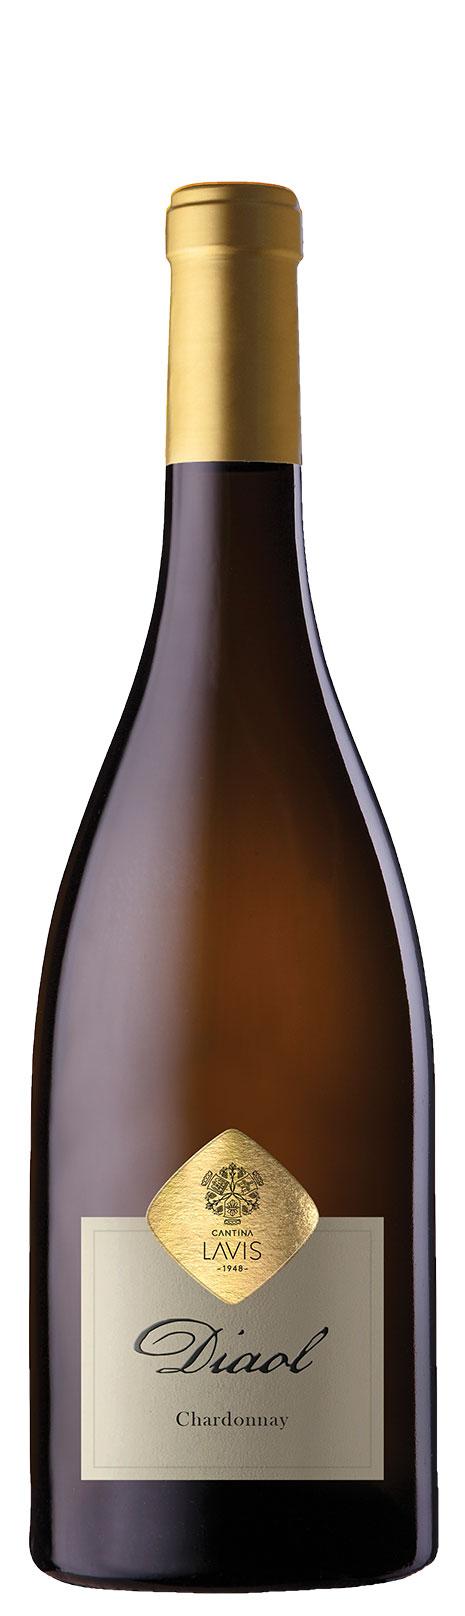 lavis-diaol-chardonnay-selezioni